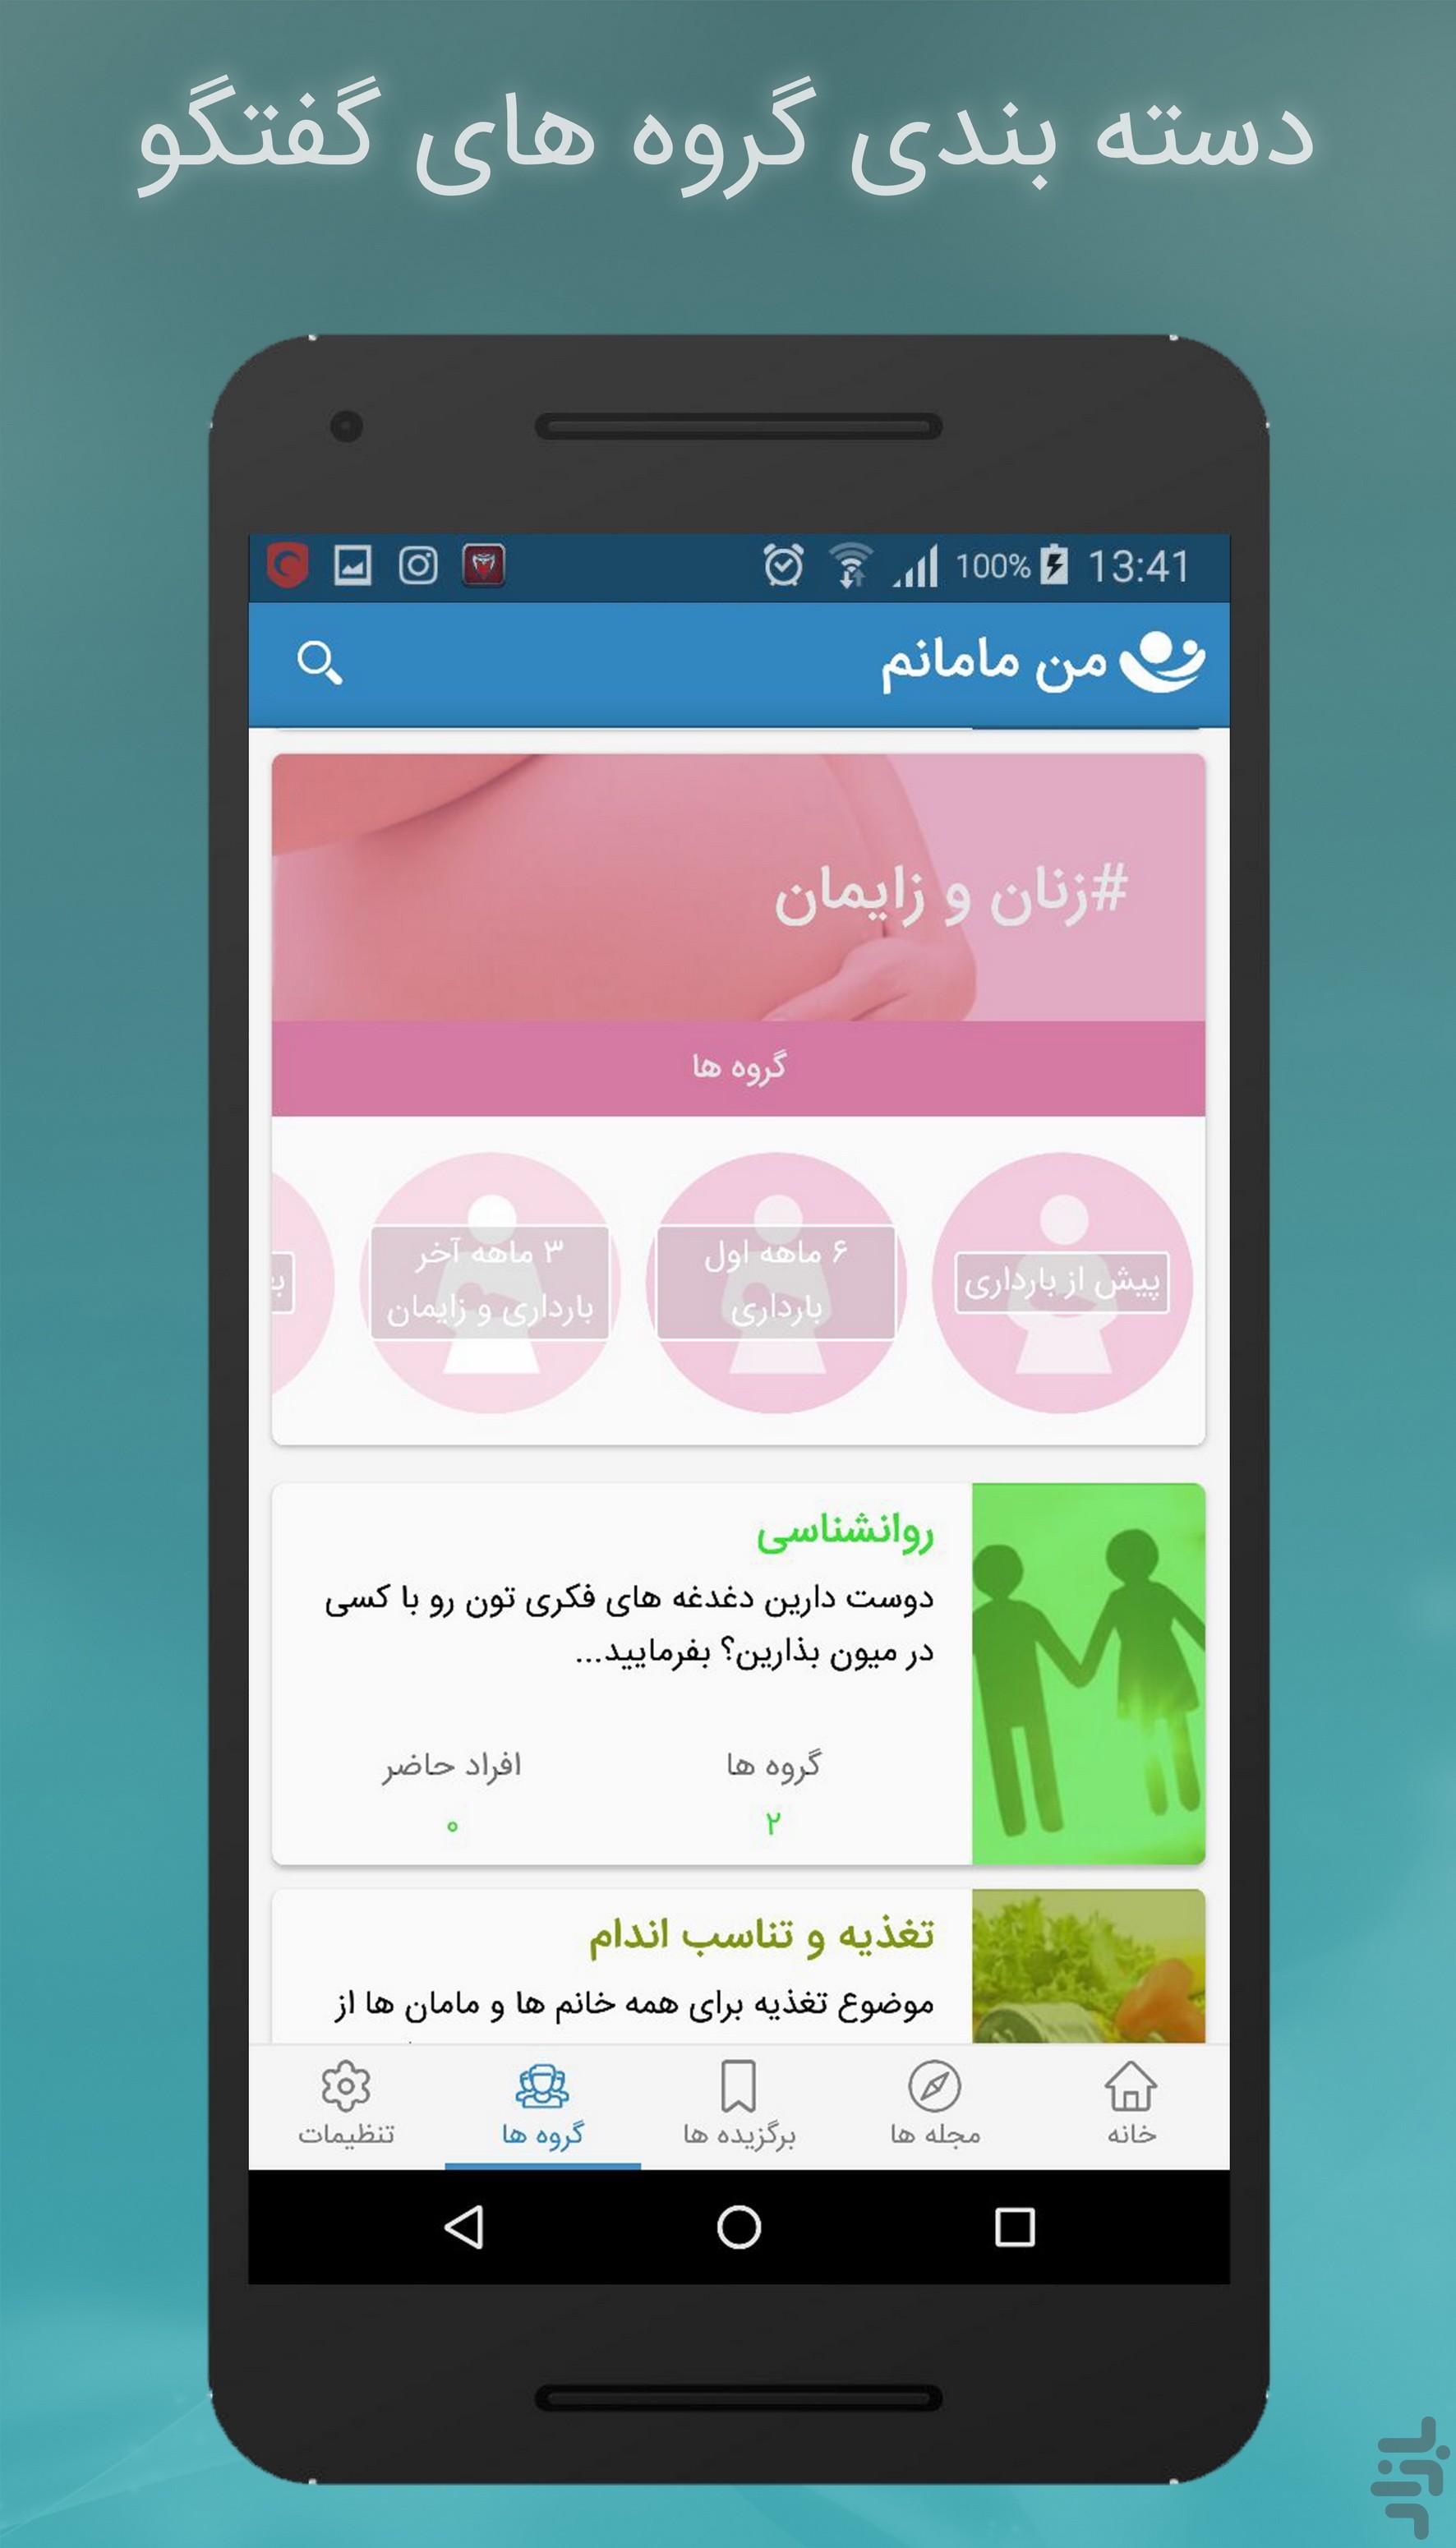 [عکس: com.resaneh24.manmamanam.content.android6.jpg]